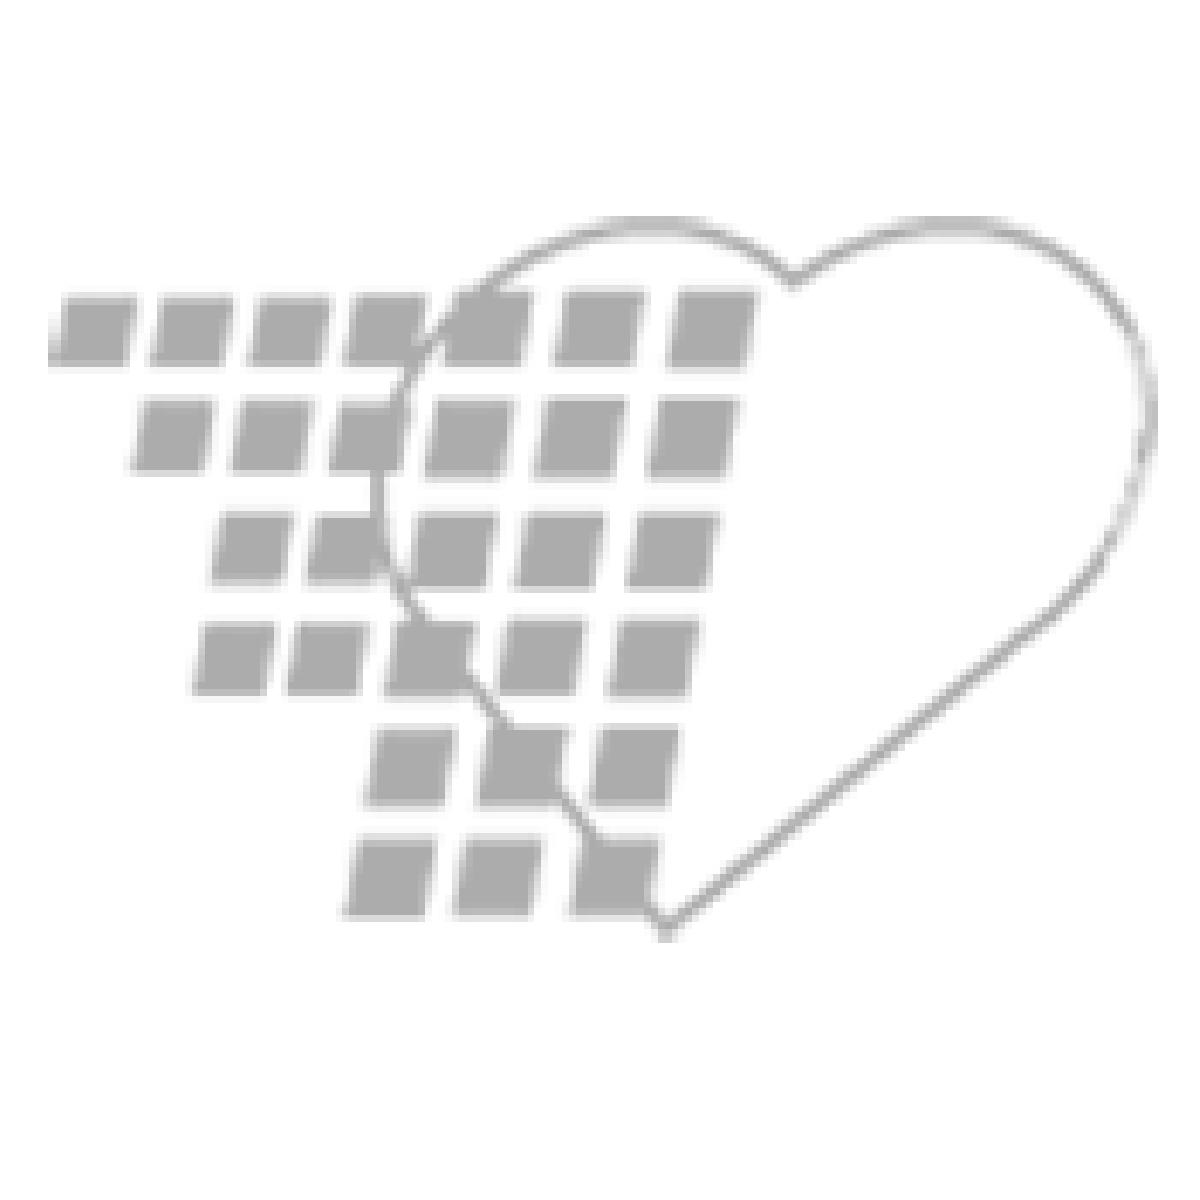 12-99-1207 Nasco Kit for Micro-Preemie